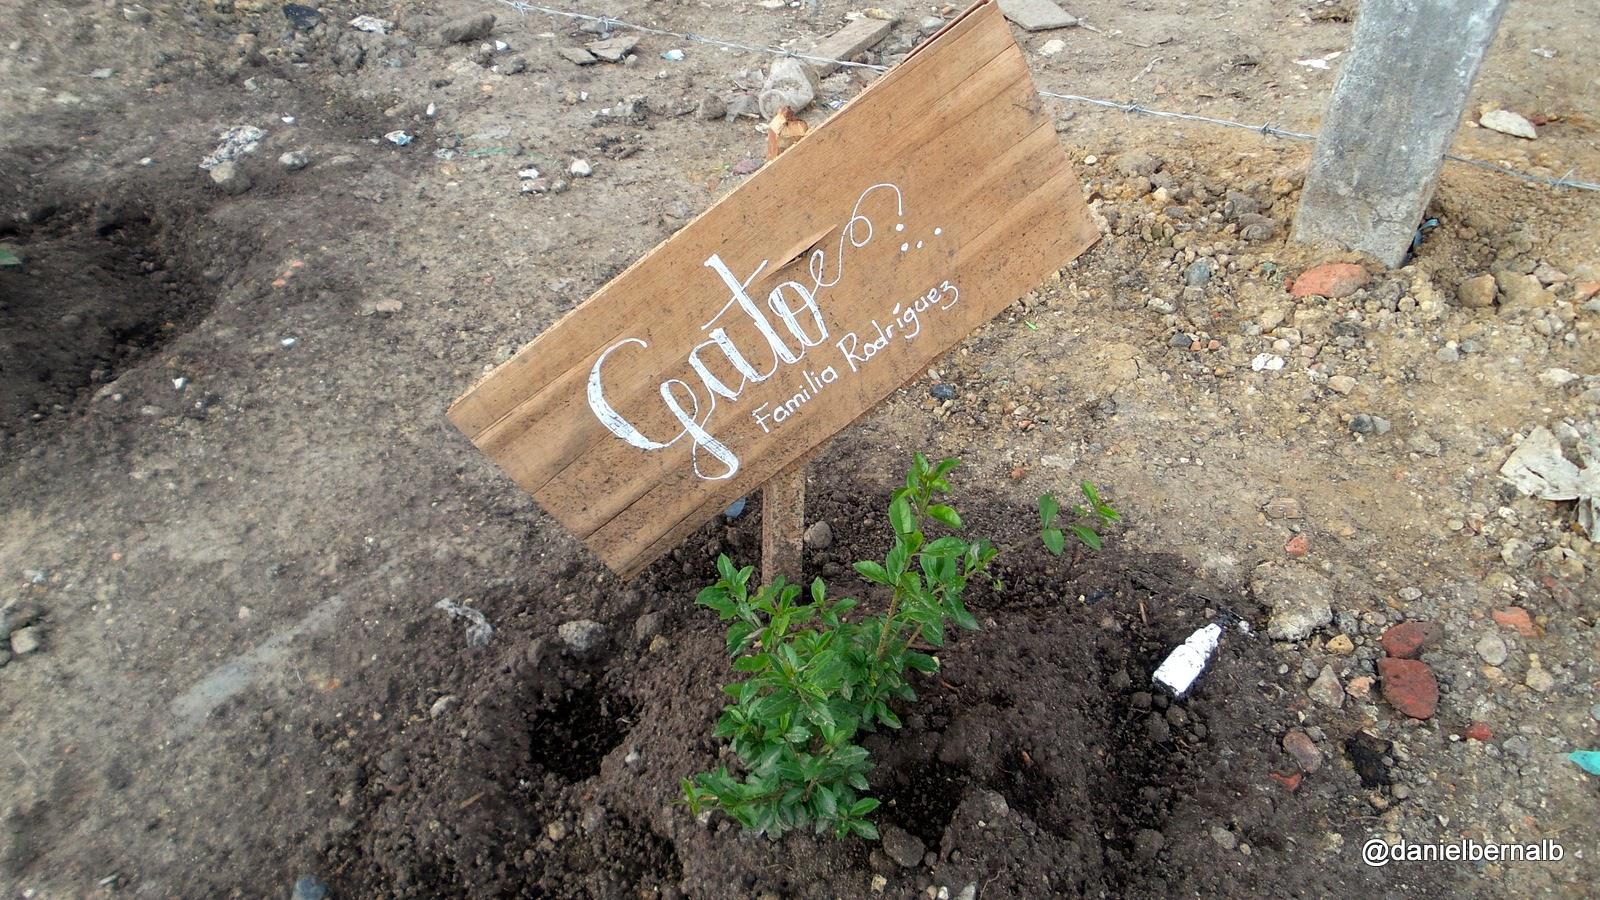 Árboles símbolo de apropiación ciudadana